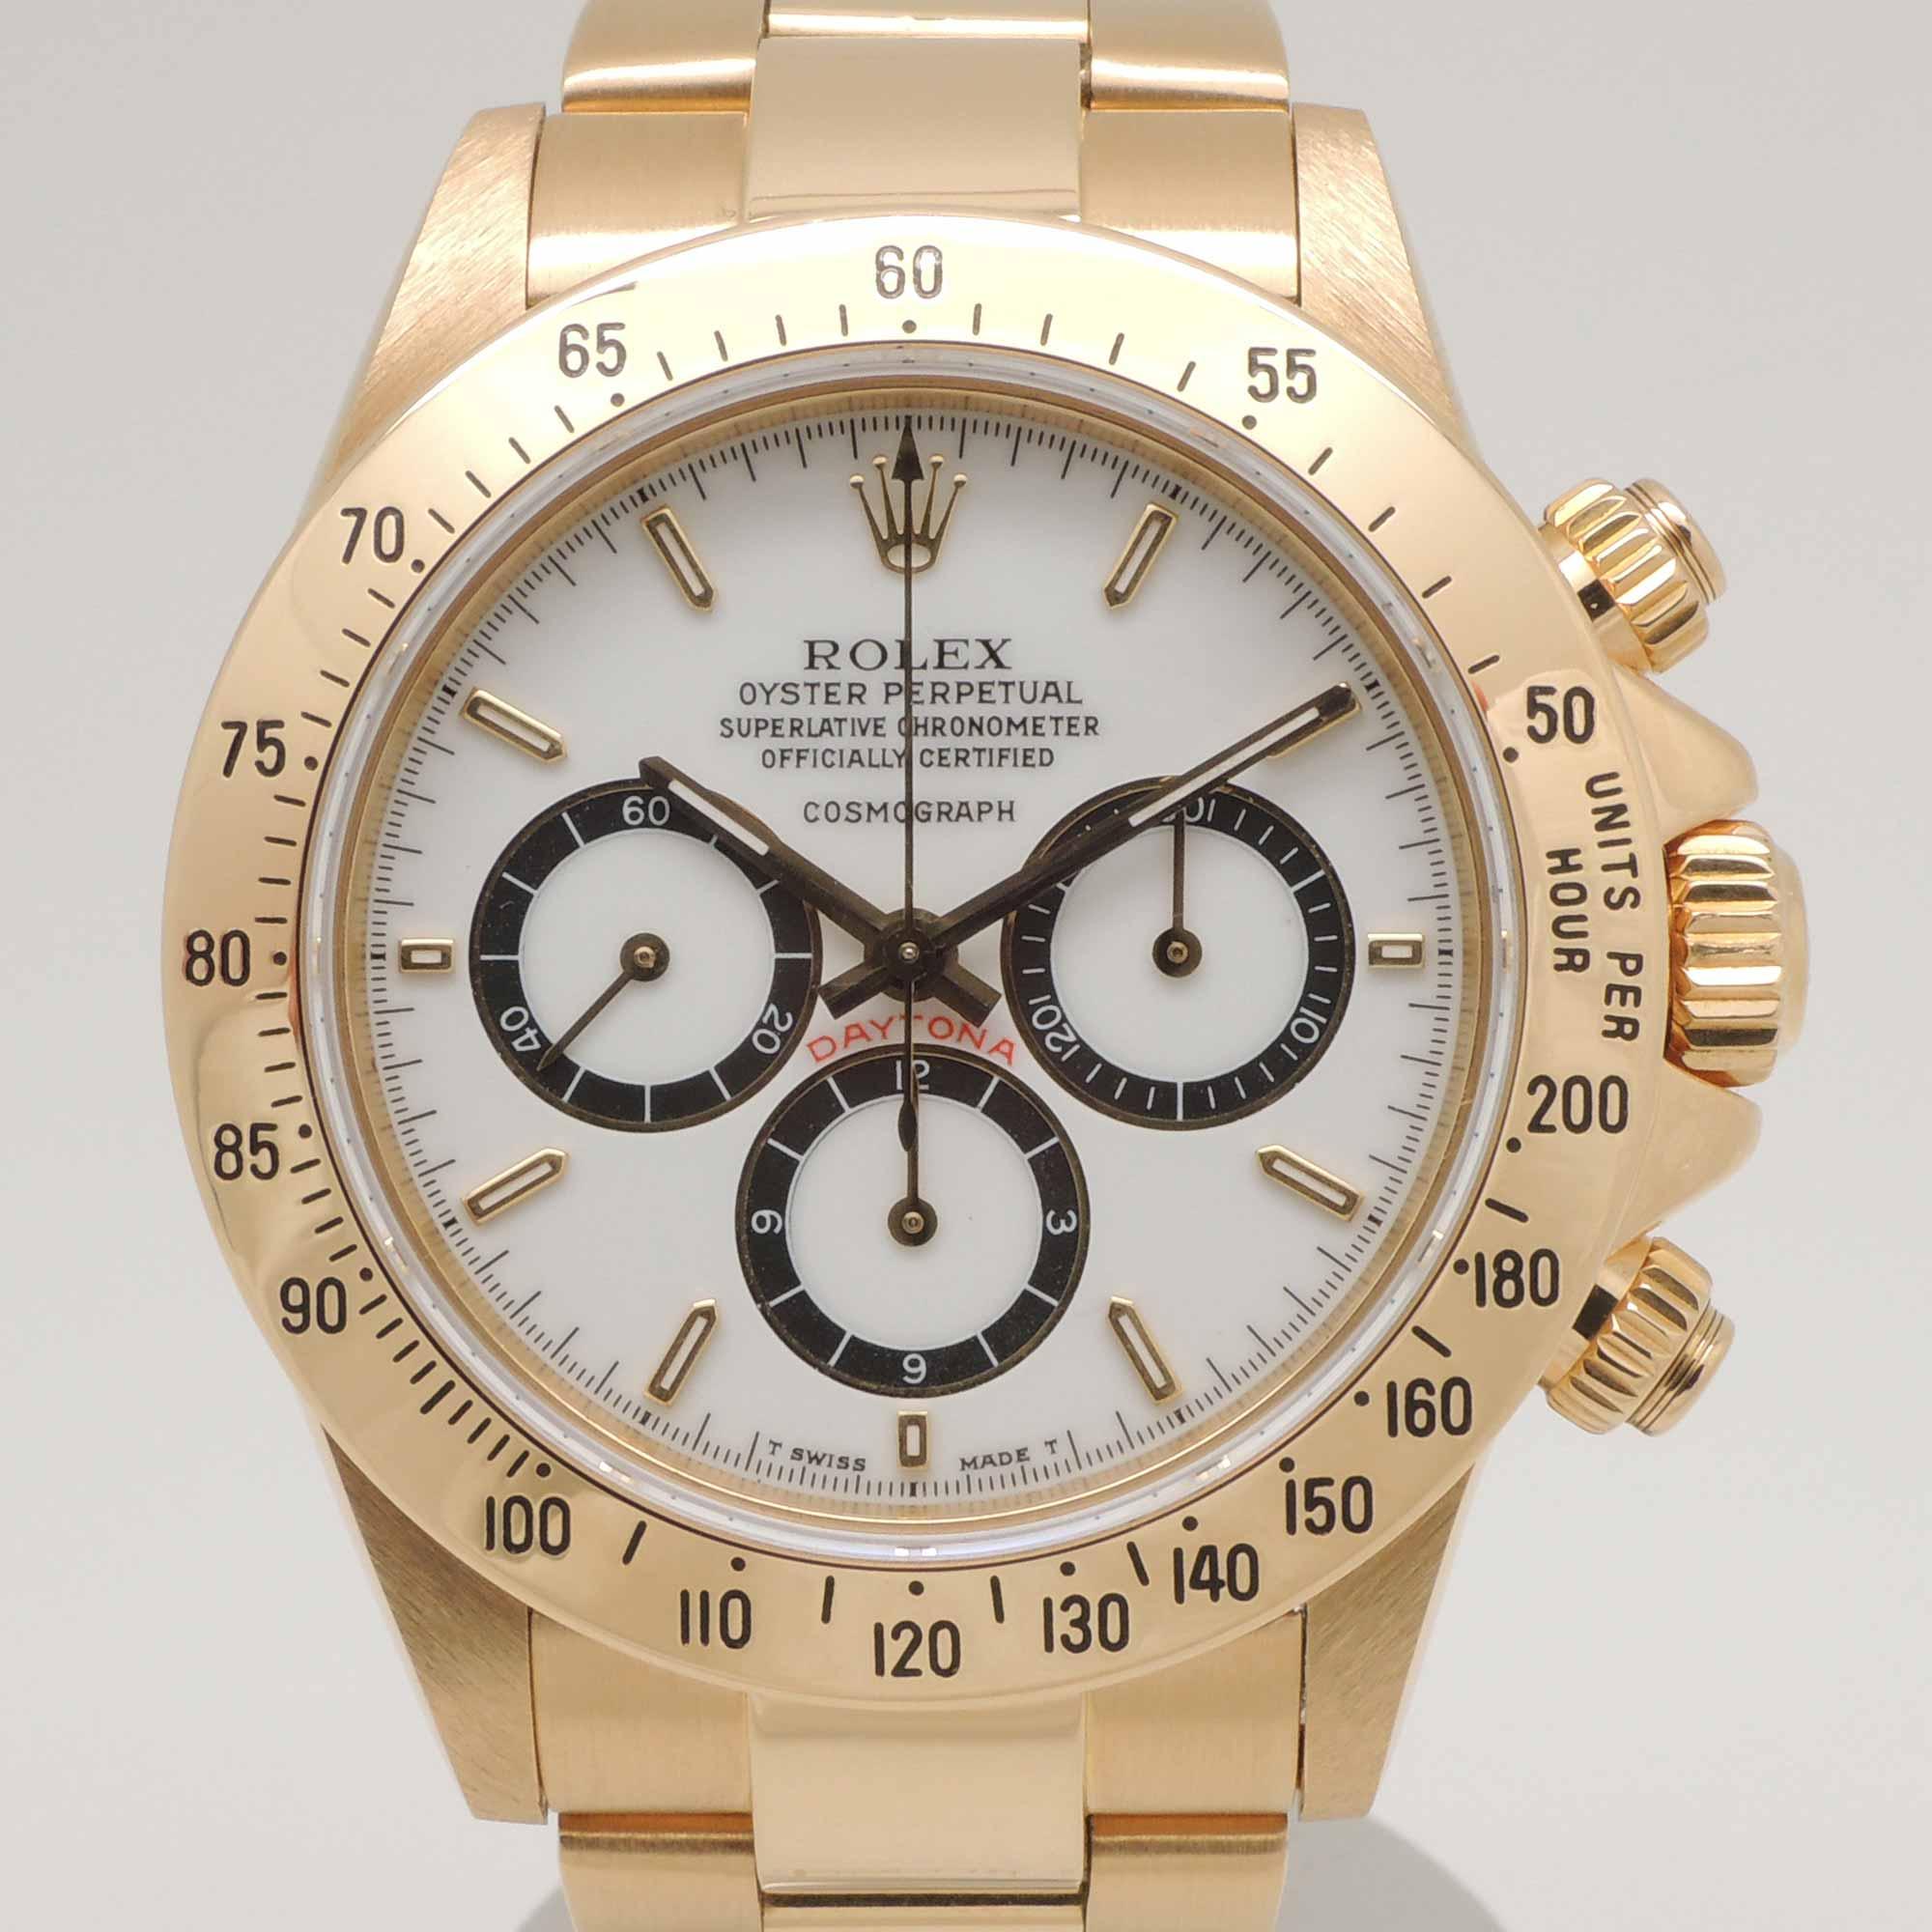 0a0e88a8b13b relojes rolex olx venezuela